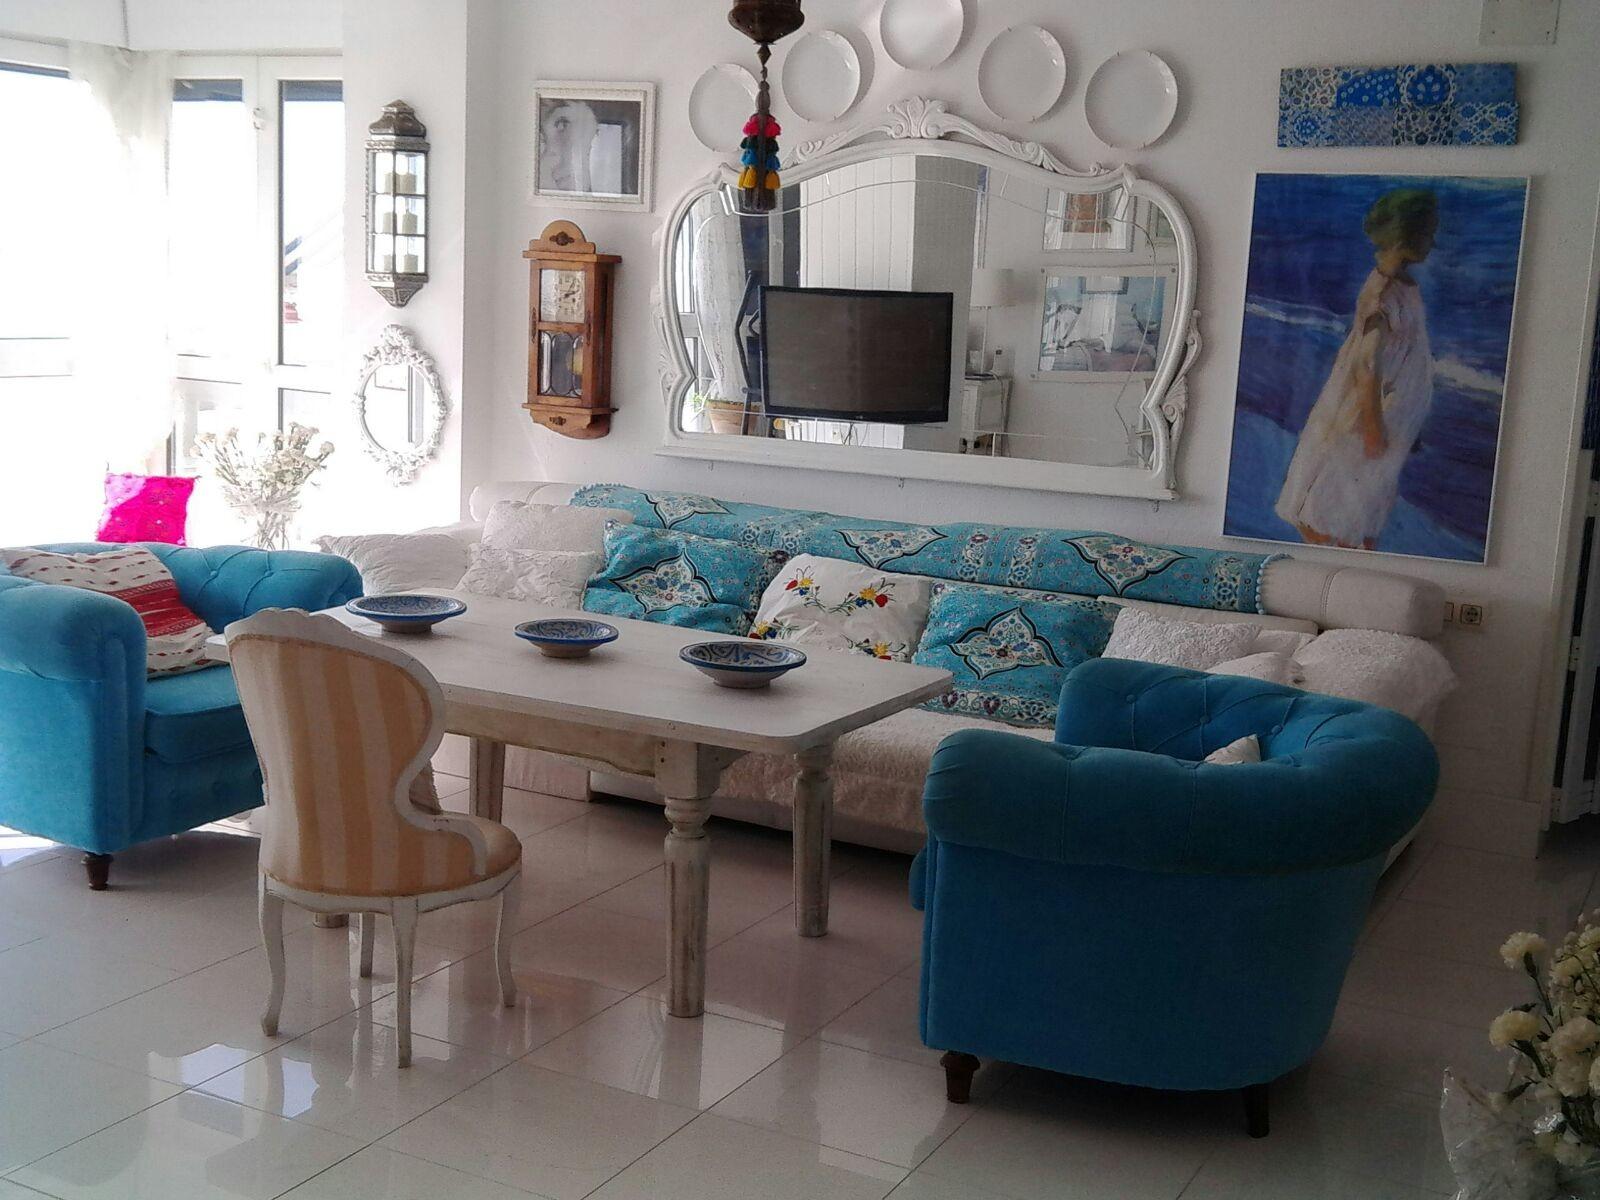 Alquiler casas y pisos en cádiz, a partir de 390 euros de particulares e inmobiliarias. Apartamento muy amplio en la playa | Alquiler habitaciones ...